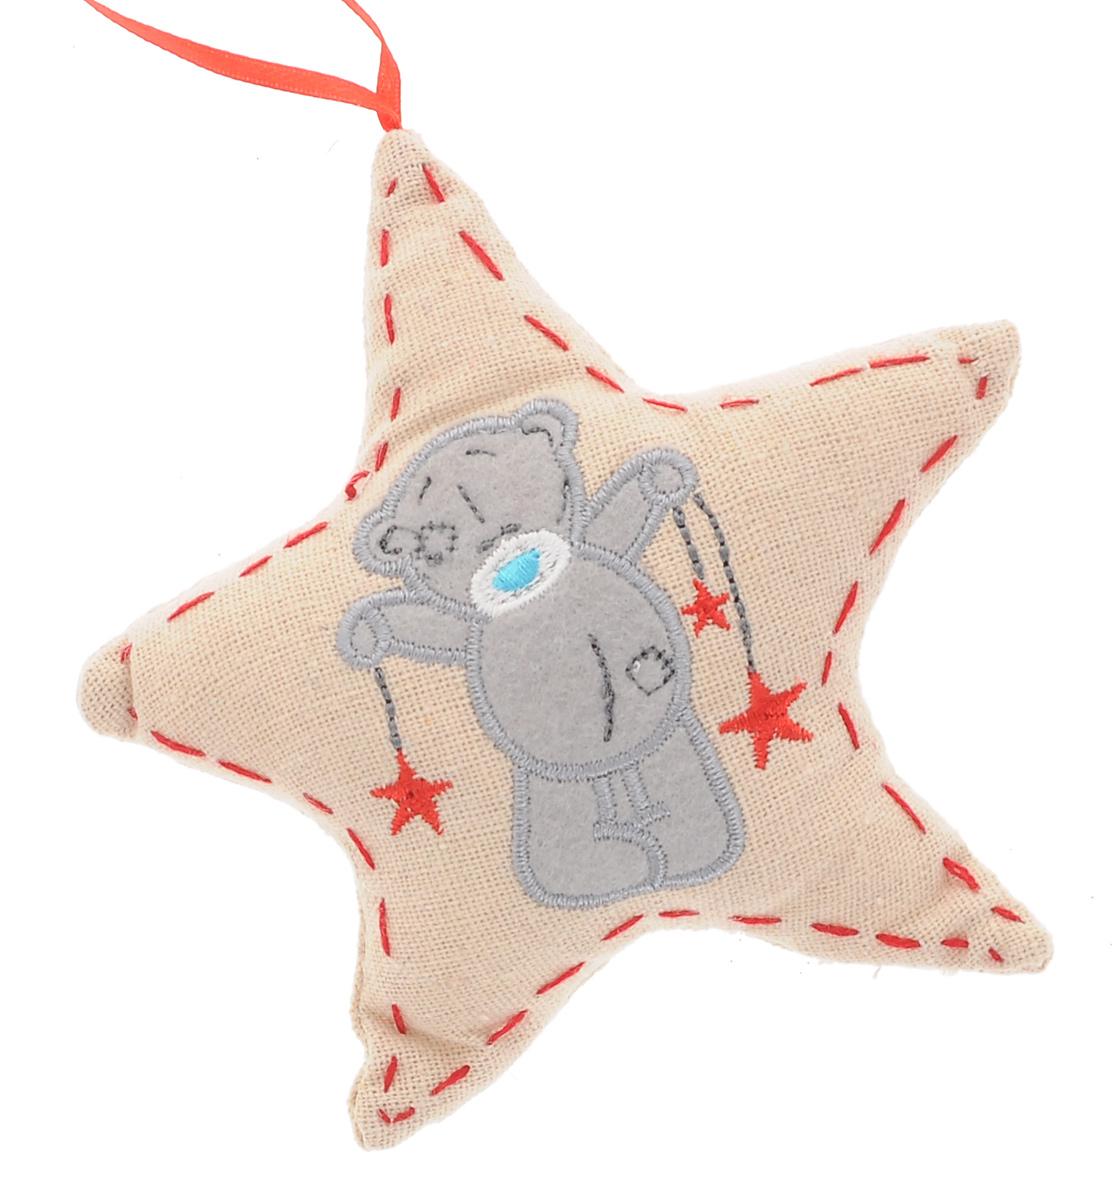 Новогоднее подвесное украшение Me to You Звезда1.645-504.0Подвесное украшение Me to You Звезда, выполненное из полиэстера, станет отличным новогодним украшением на елку. Изделие декорировано красной строчкой и вышивкой в виде мишки Me to You со звездочками. Подвешивается на елку с помощью текстильной петельки. Ваша зеленая красавица с таким украшением будет выглядеть оригинально и современно. Создайте в своем доме по-настоящему сказочную атмосферу. Кроме того, это украшение может стать не только деталью интерьера в квартире, но и актуальным подарком для ваших друзей и родных.